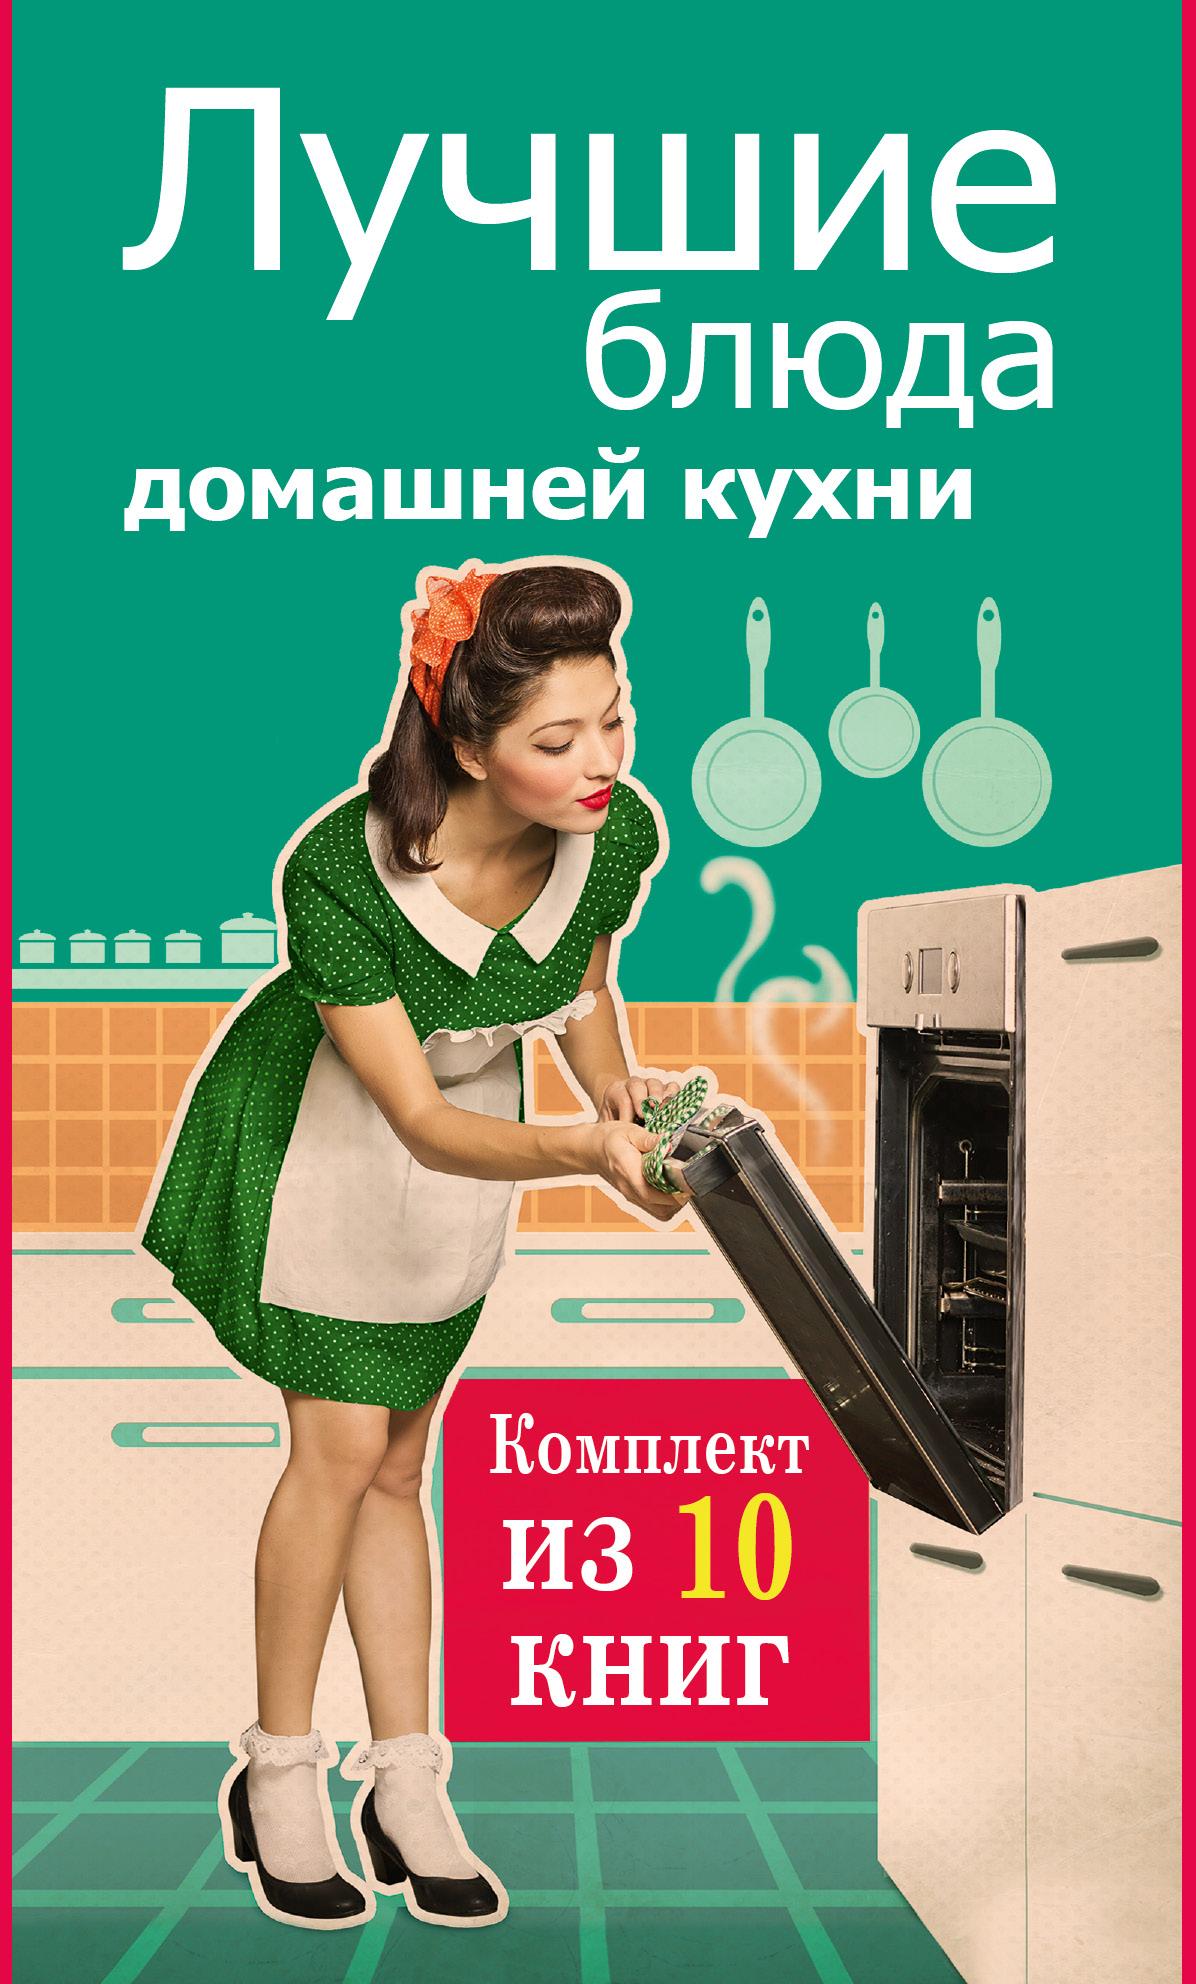 Лучшие блюда домашней кухни. праздничный стол лучший подарок хозяйке 4 лучшие книги